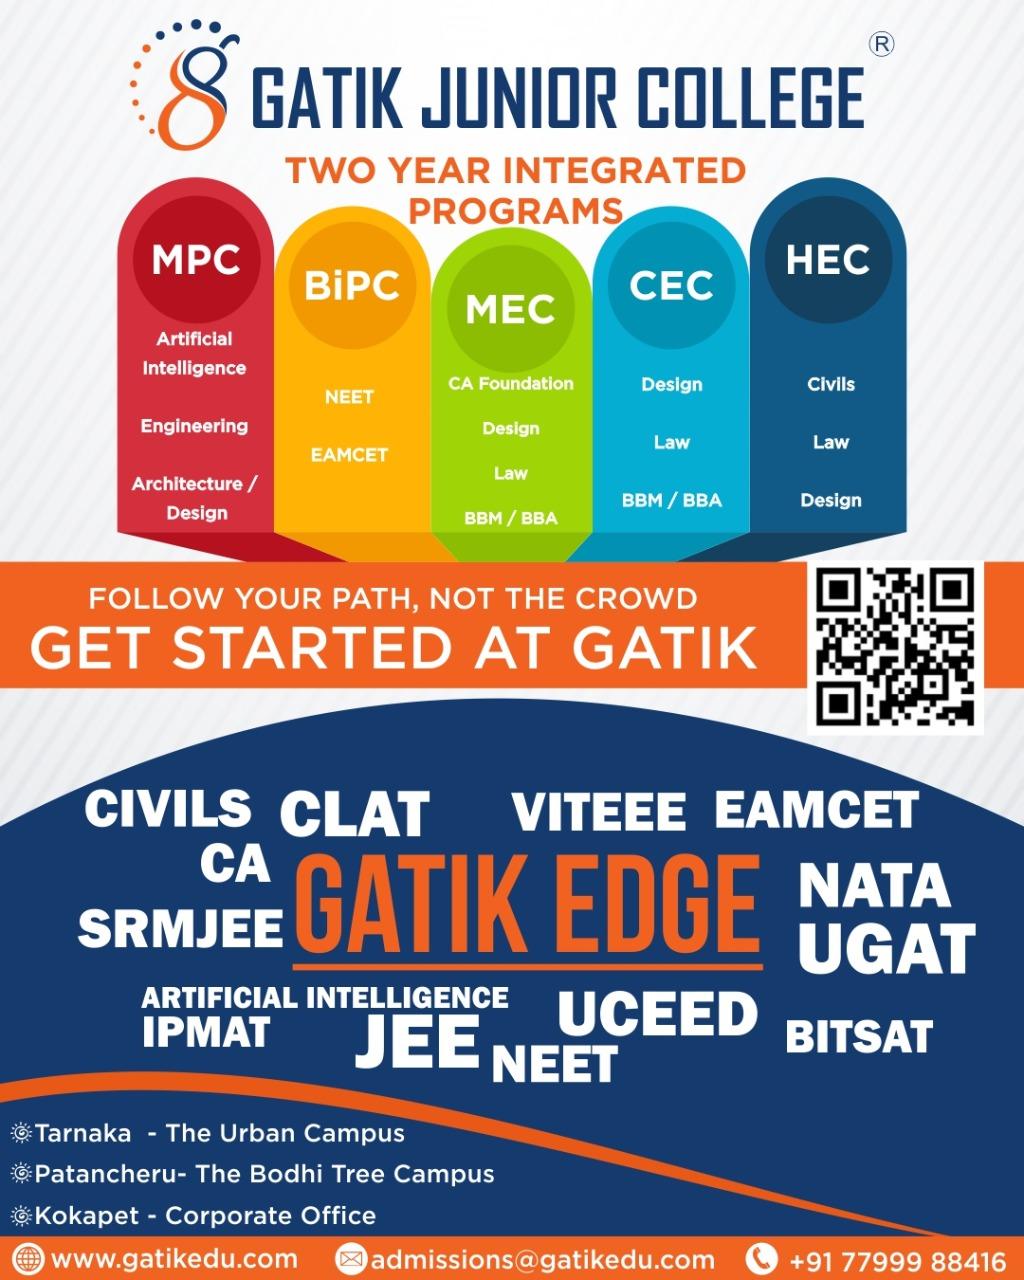 Gatik Junior College Offering the